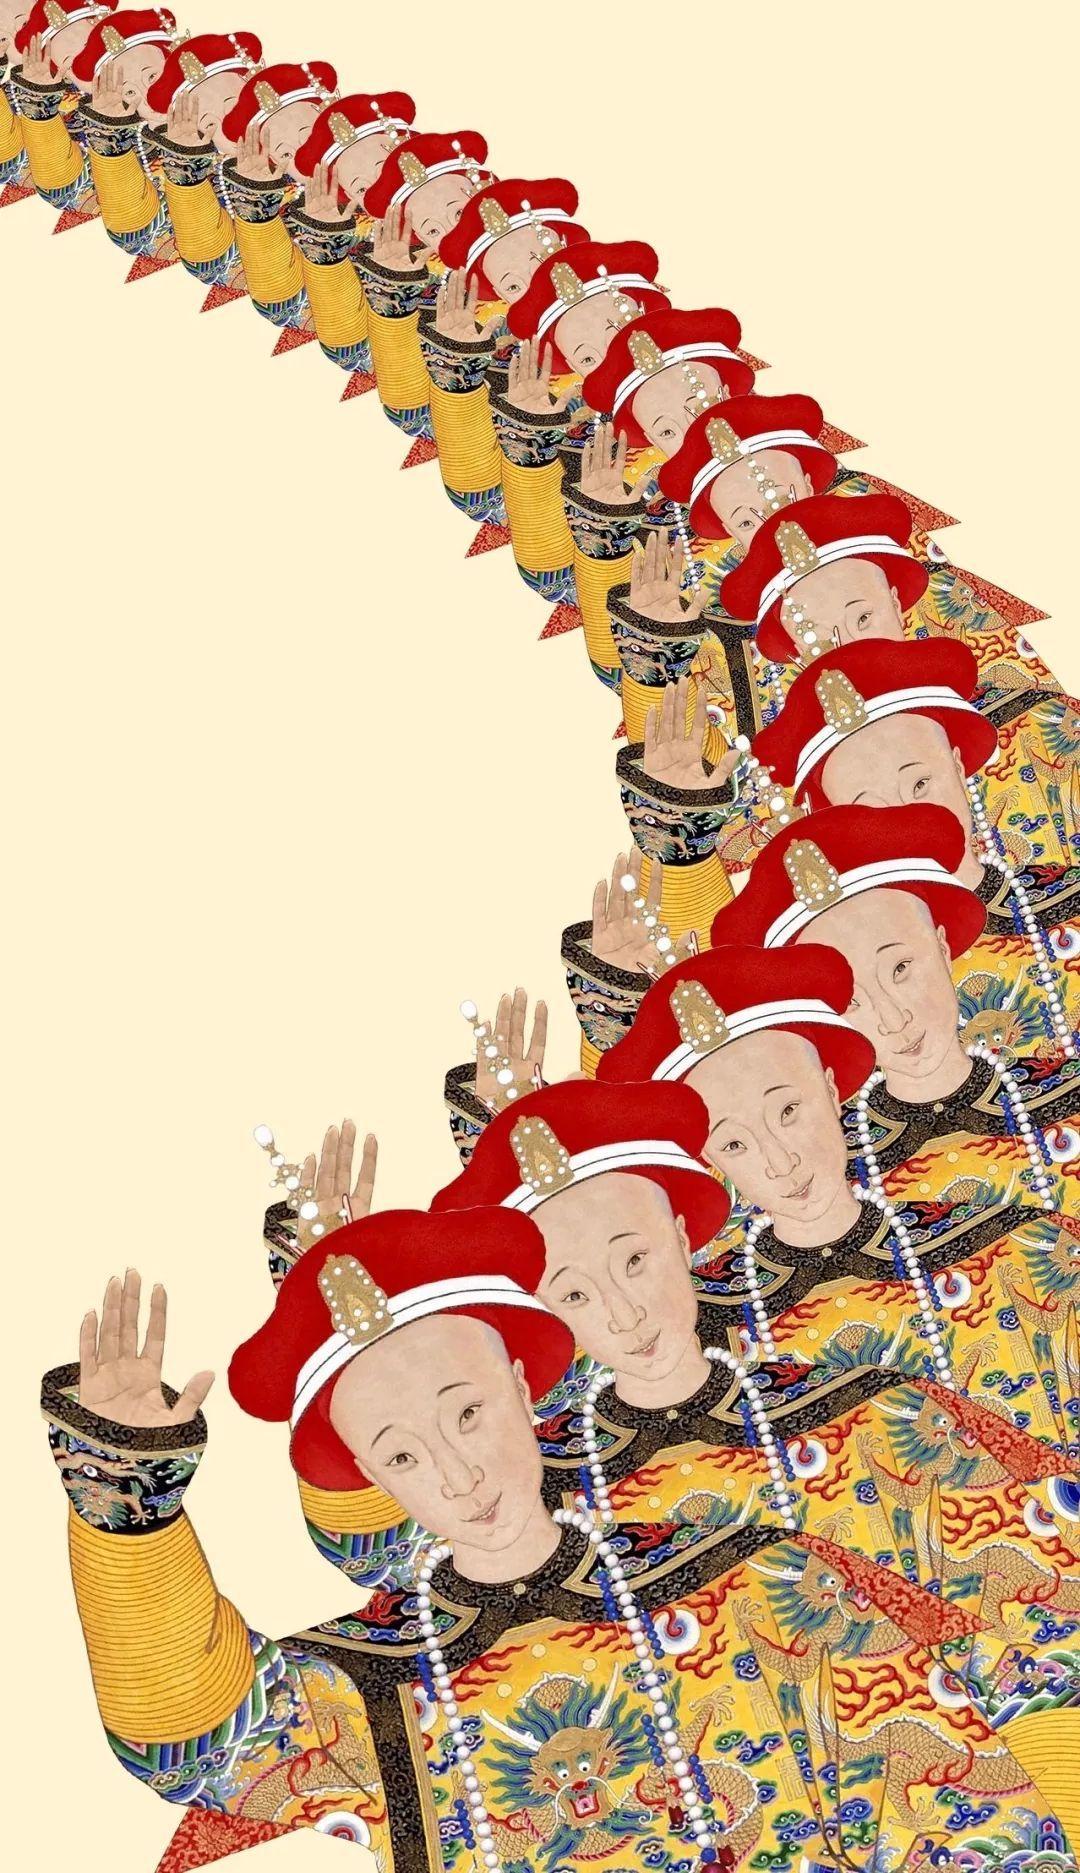 故宫 看门人 单霁翔退休 走遍故宫9371座房屋,让国宝成 网红